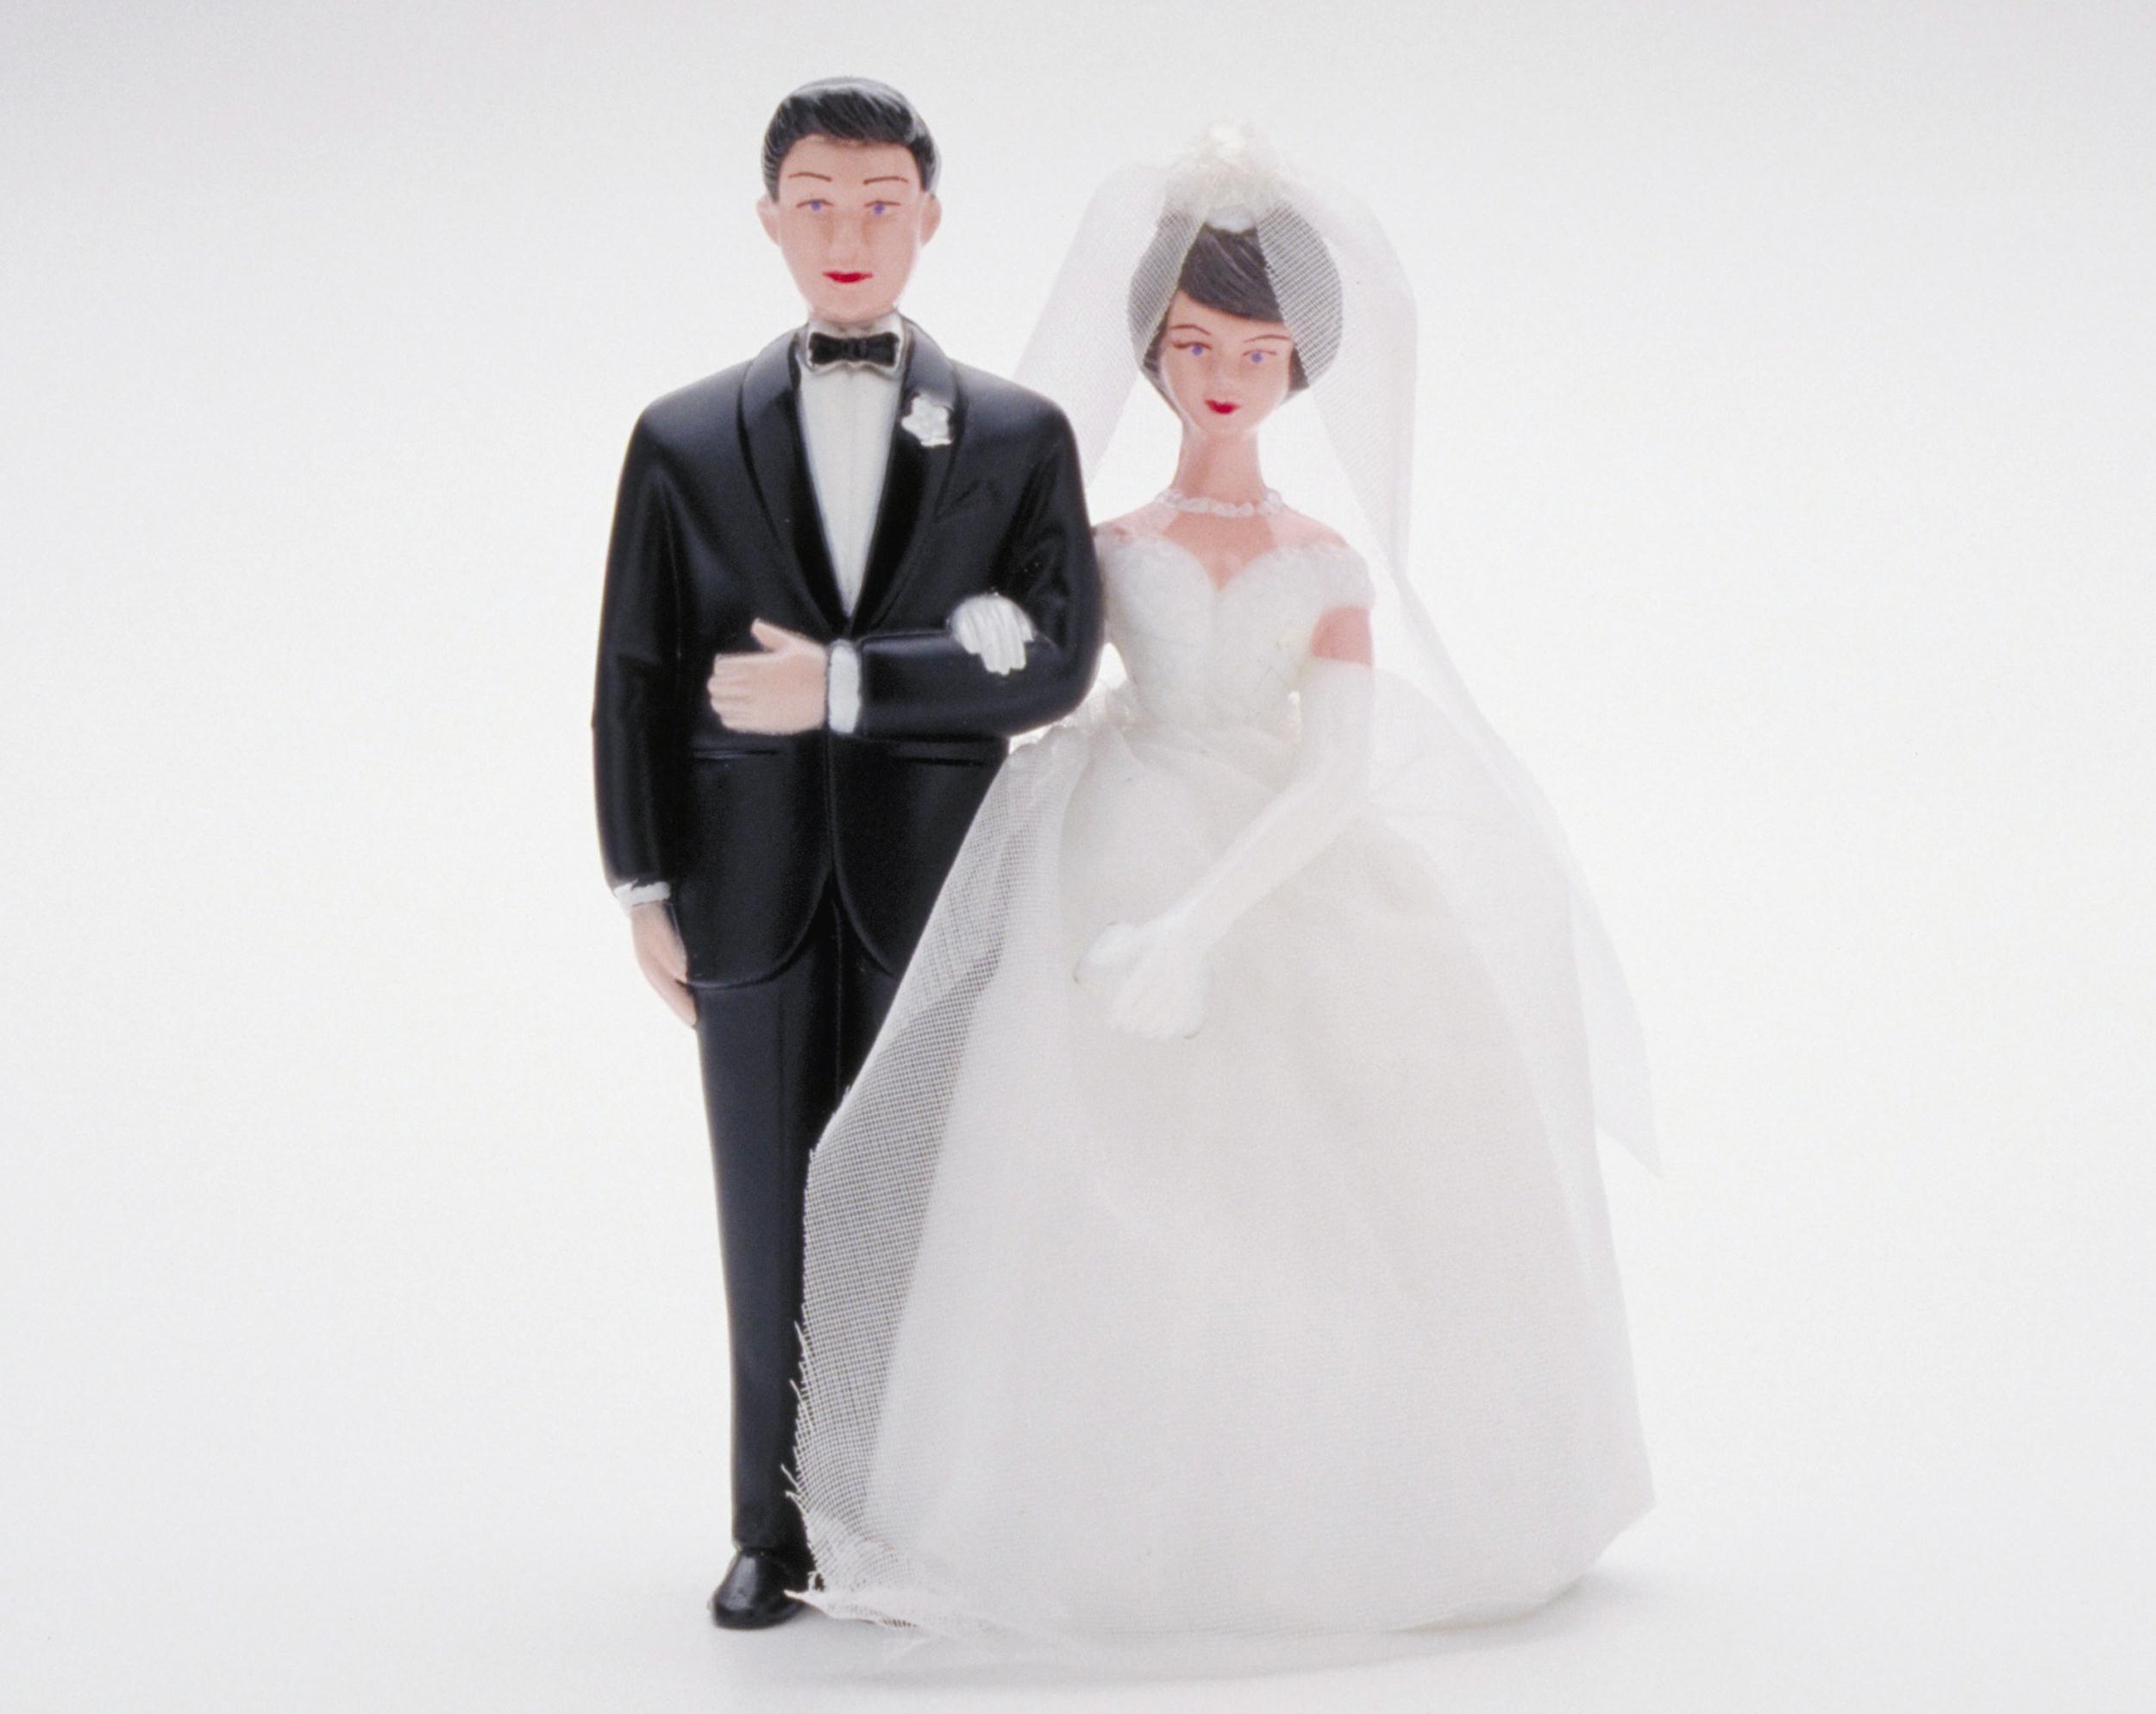 84411a2ec1eaf صور عن الزواج رمزيات وخلفيات عن حفل الزفاف